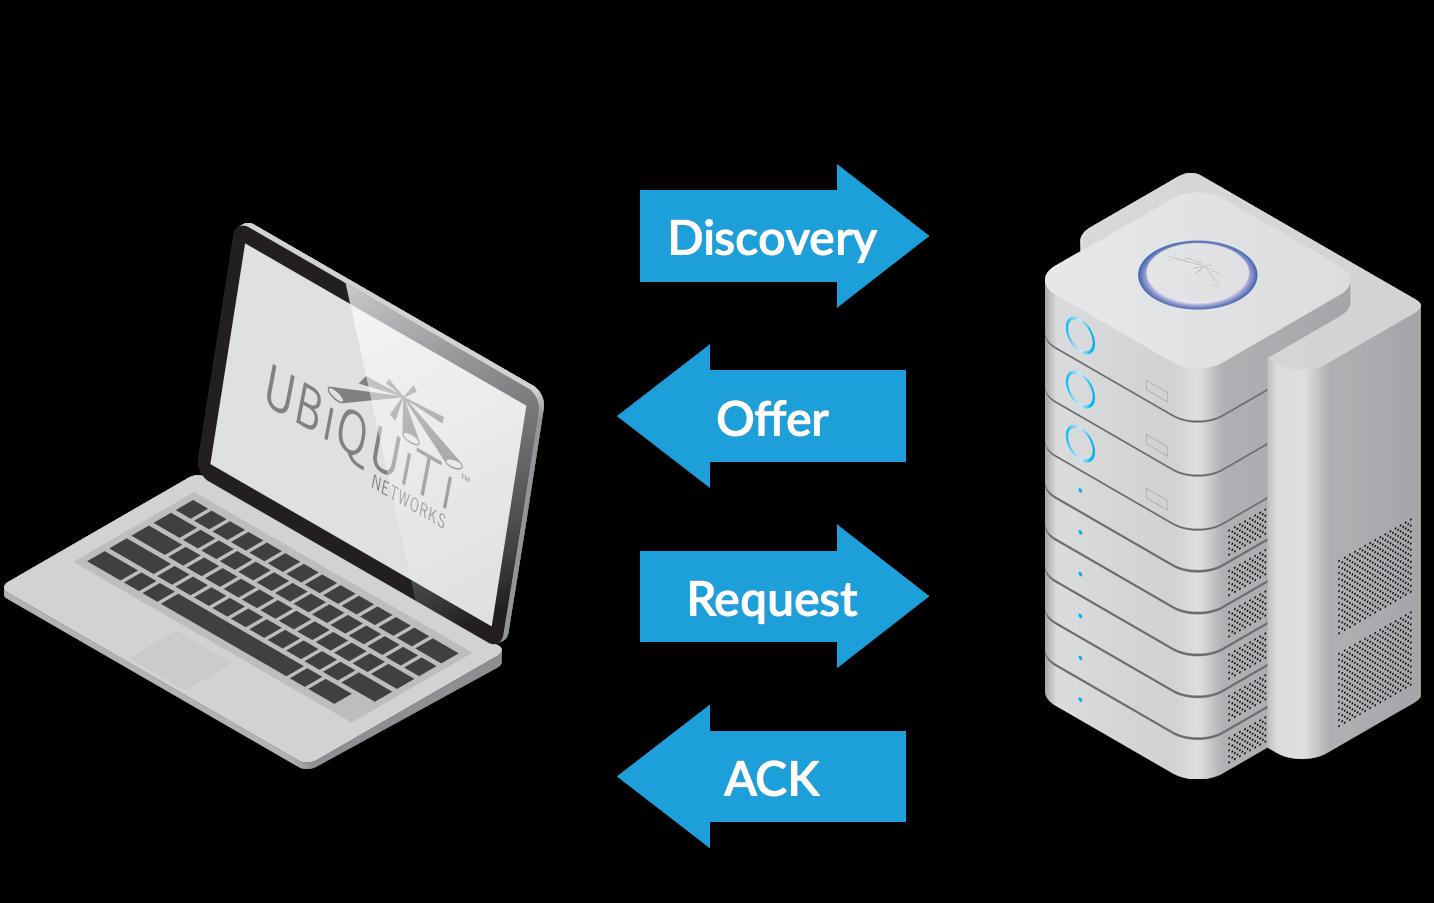 DHCP là gì? Tìm hiểu cơ bản về DHCP - Ảnh 1.